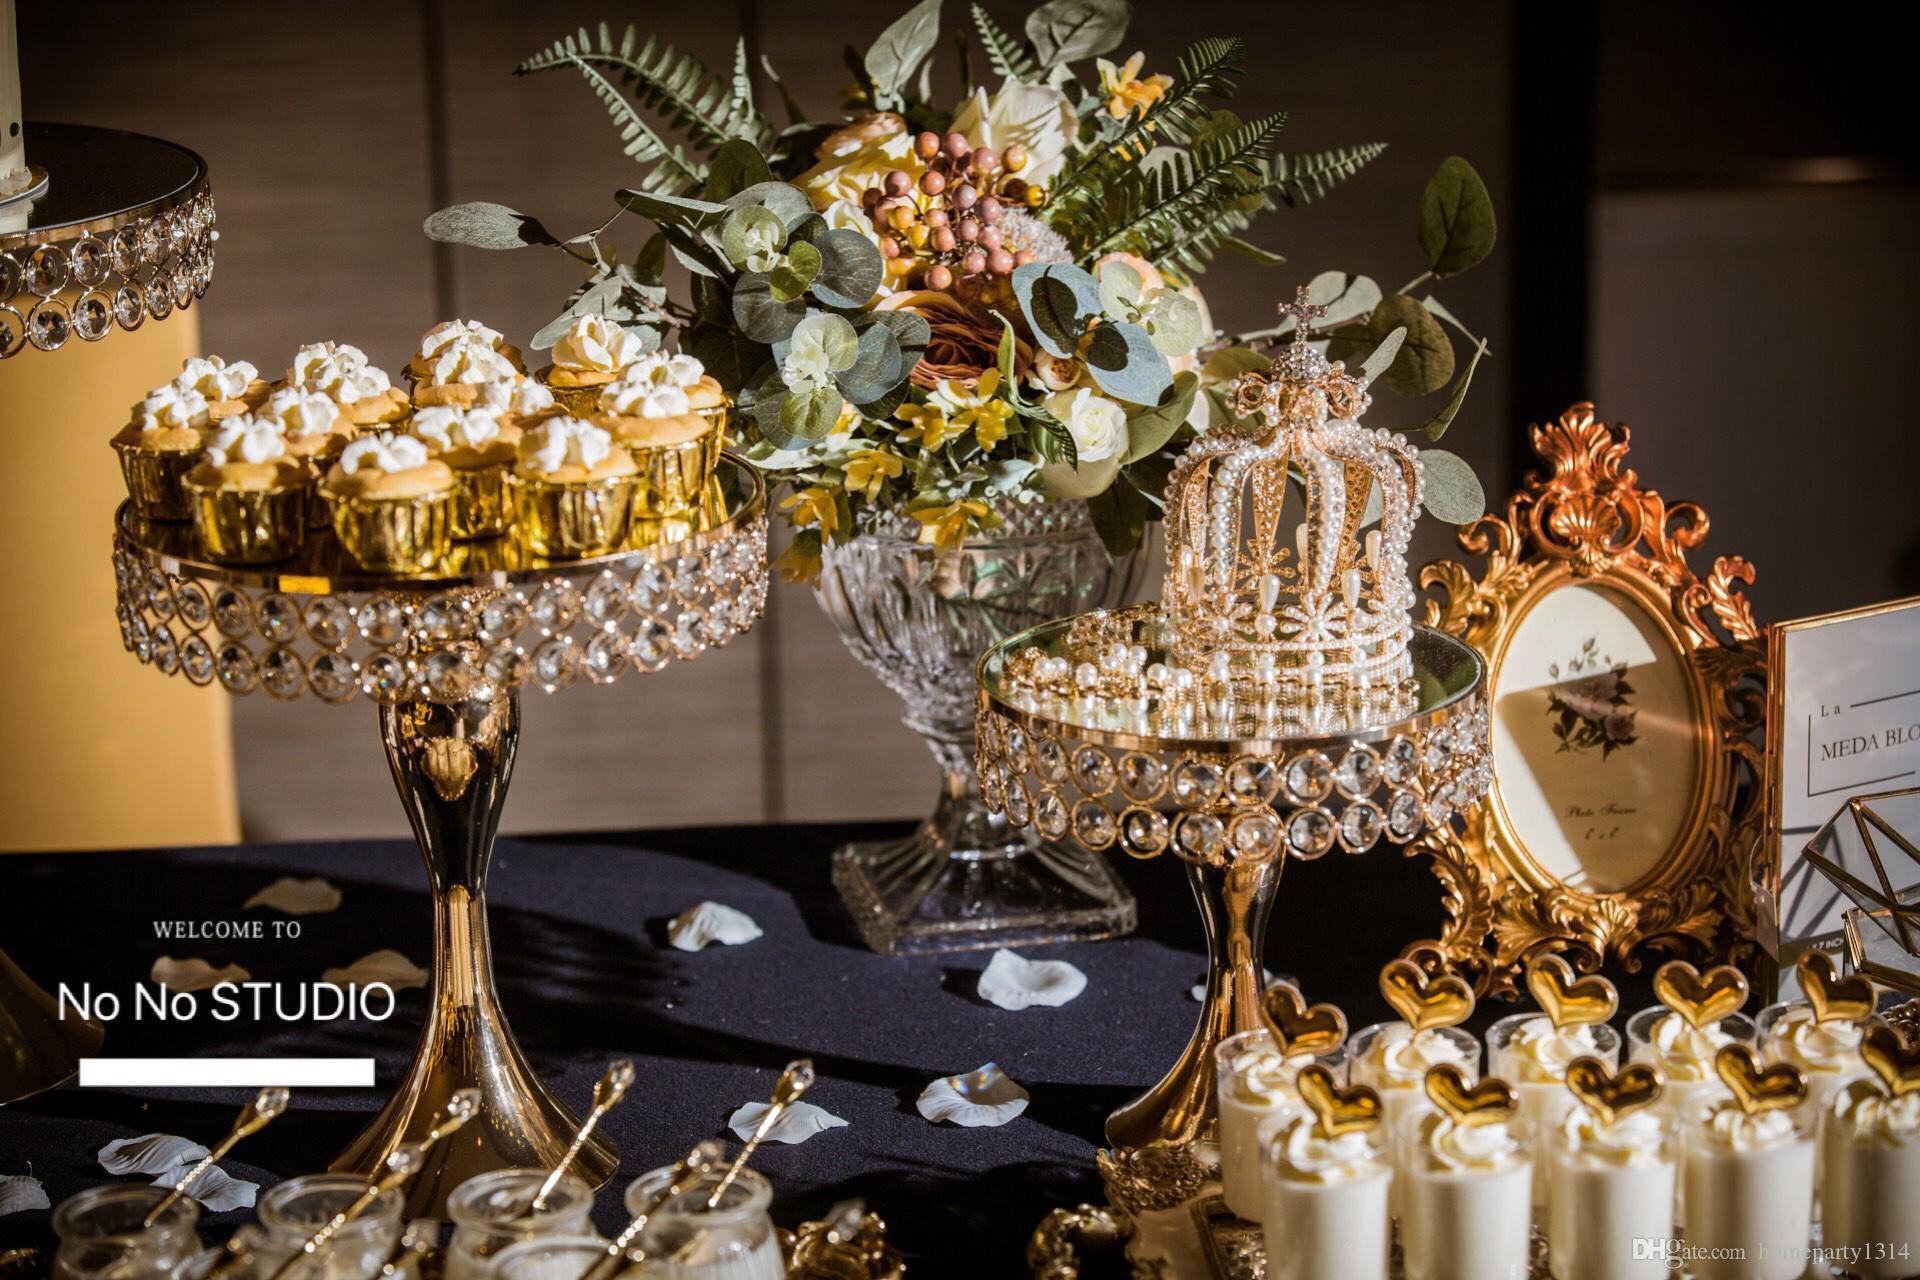 5 unids / set Luxury Gold Crystal soporte de la torta soporte de la torta decorada boda pan pan cupcake dulce mesa mesa de dulces barra de centros de decoración